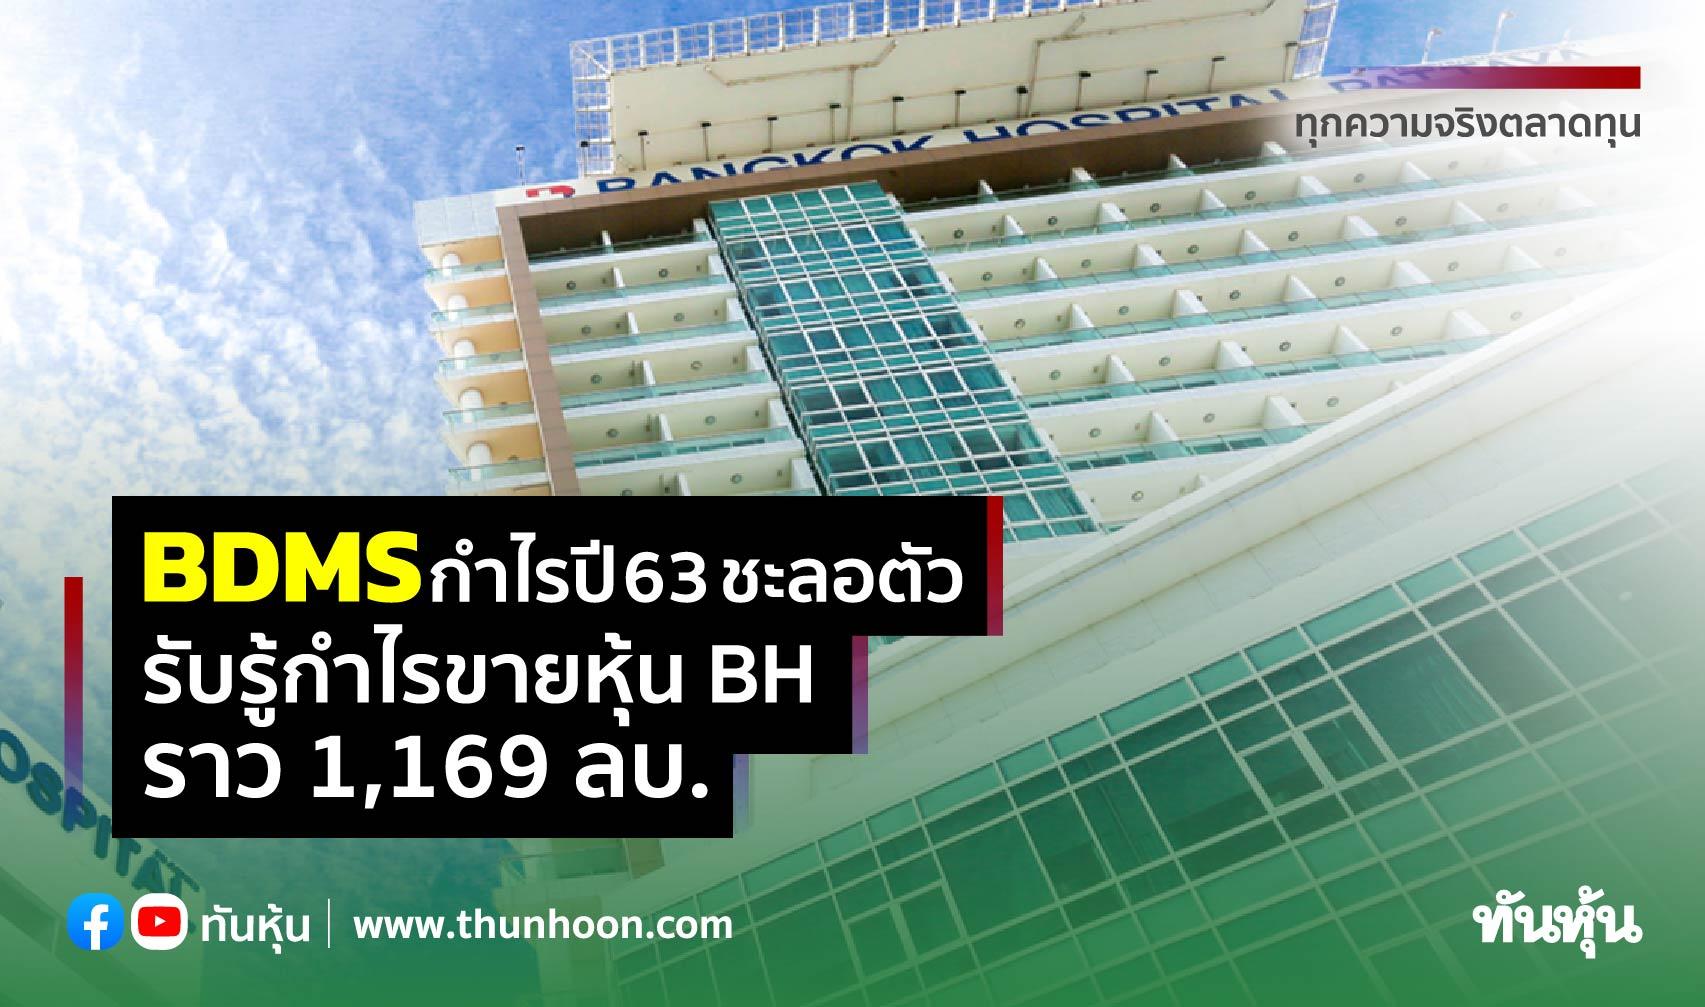 BDMS กำไรปี 63 ลดลง 54% ผลกระทบโควิด  บันทึกกำไรขาย BH ที่ 1,169 ลบ.